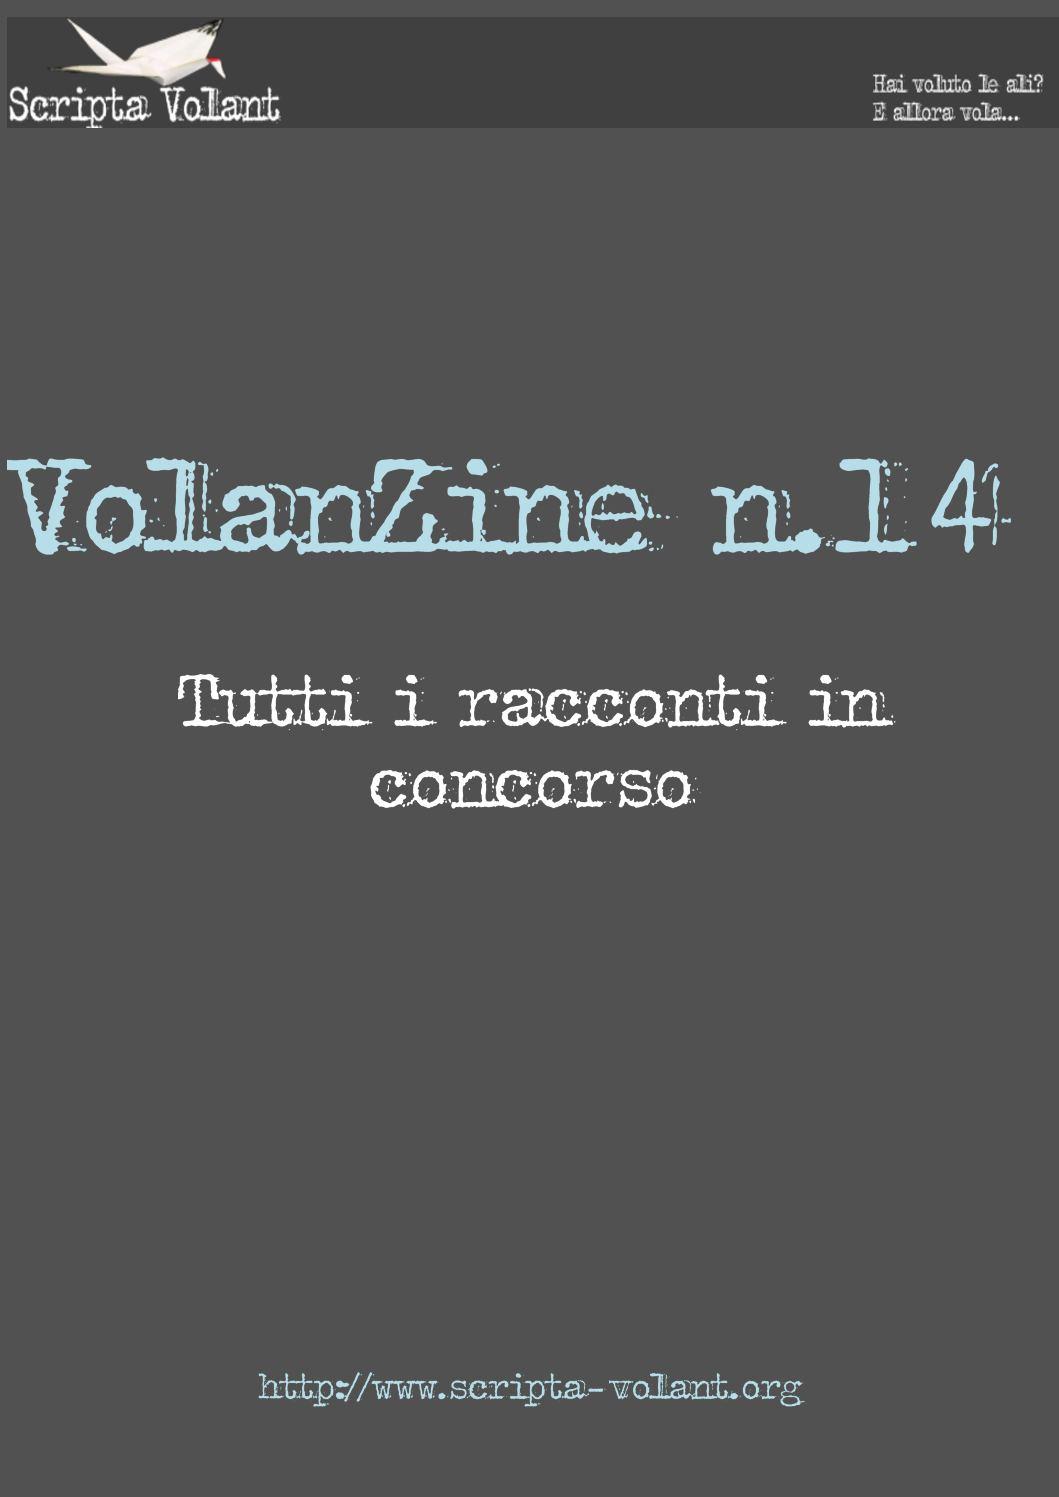 Calaméo - VolanZine n°14  tutti i racconti in concorso 2e0598a5f29